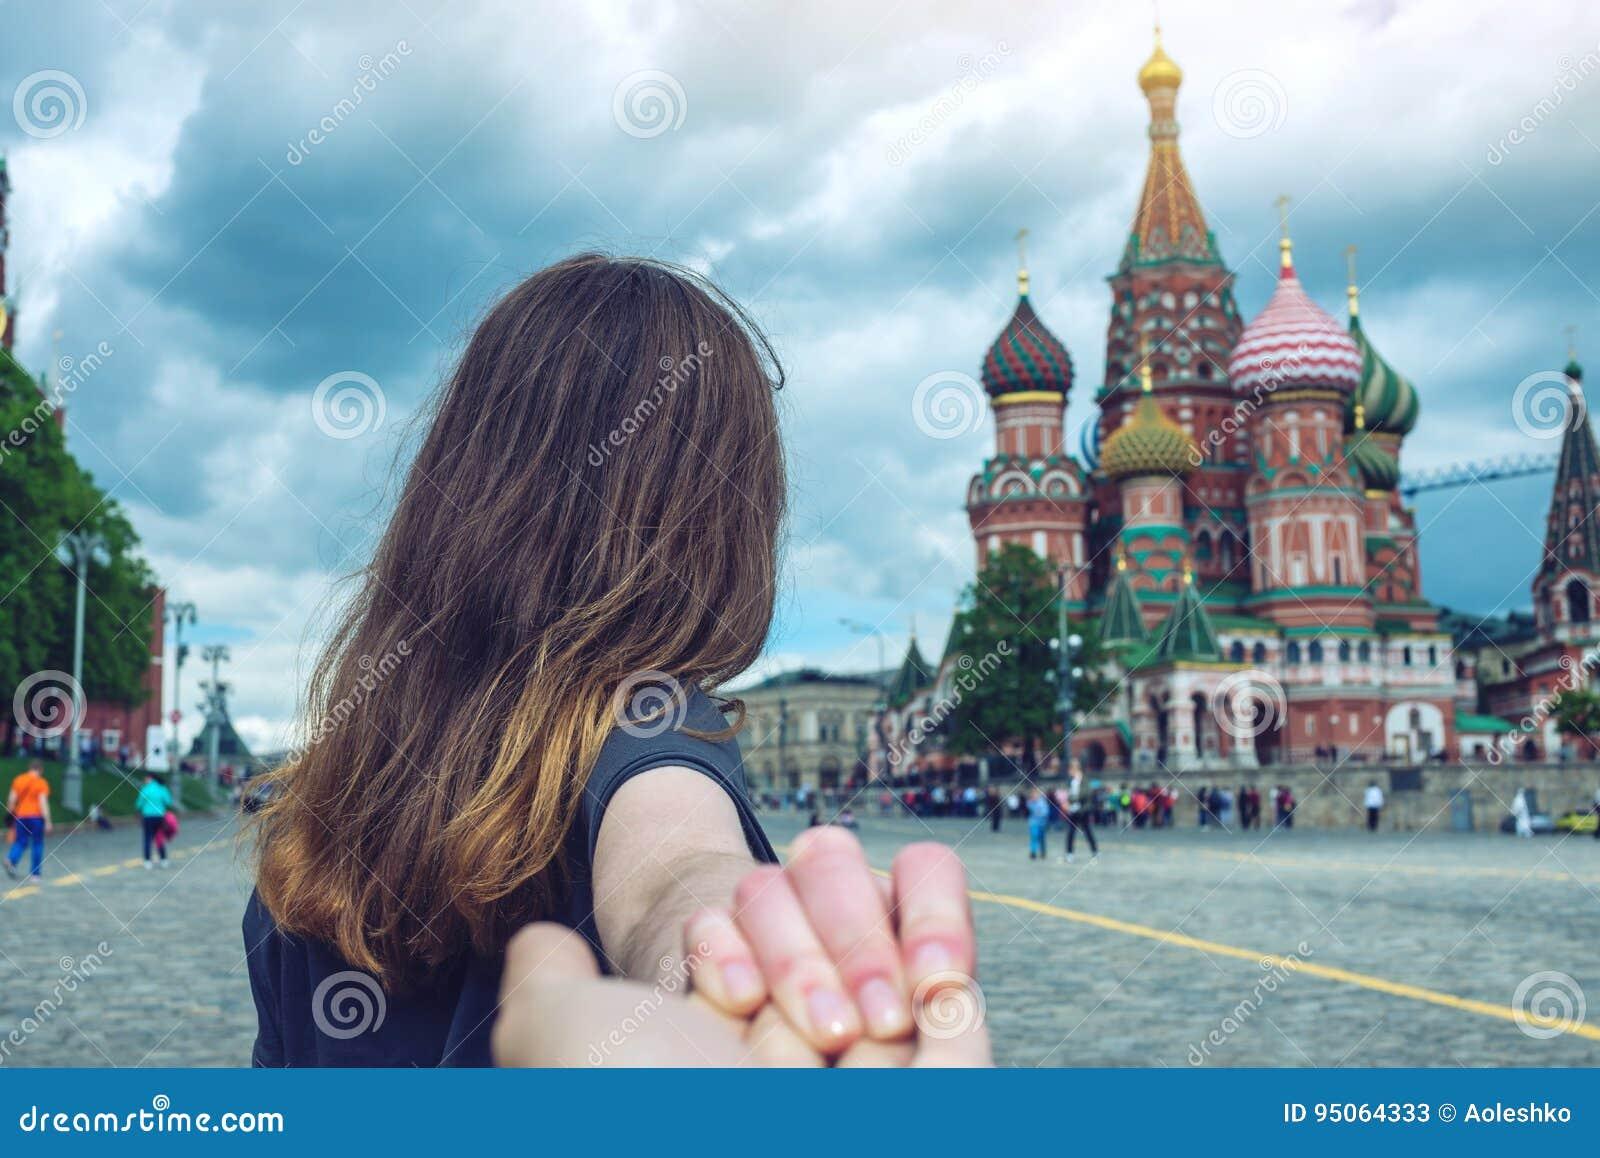 Siga-me, menina moreno que guarda a mão conduz ao quadrado vermelho em Moscou Rússia